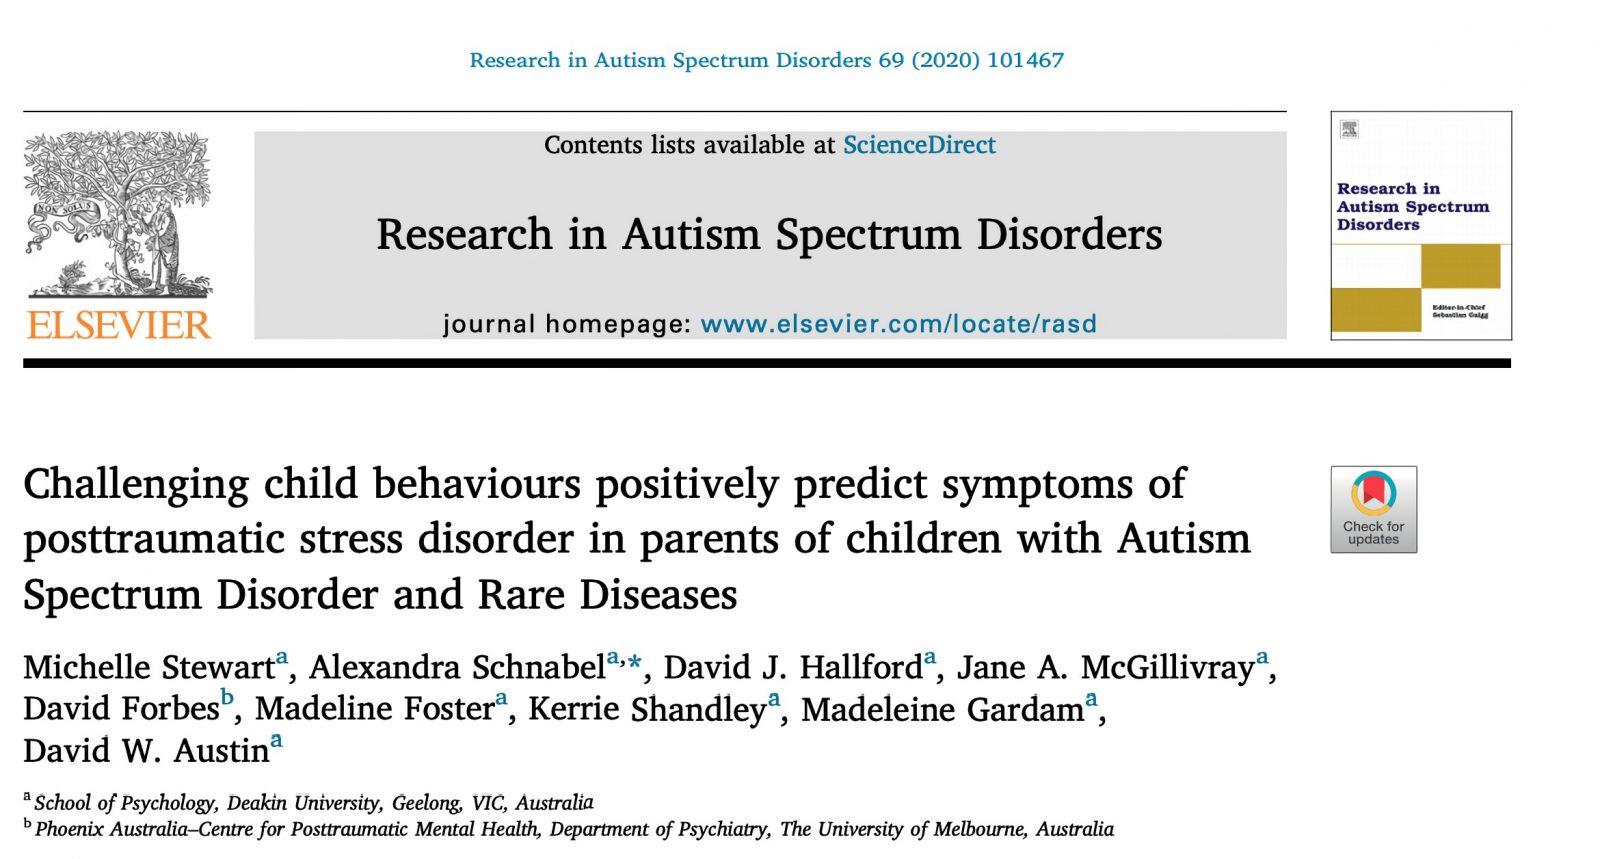 Conductas desafiantes de los hijos y el estrés postraumático